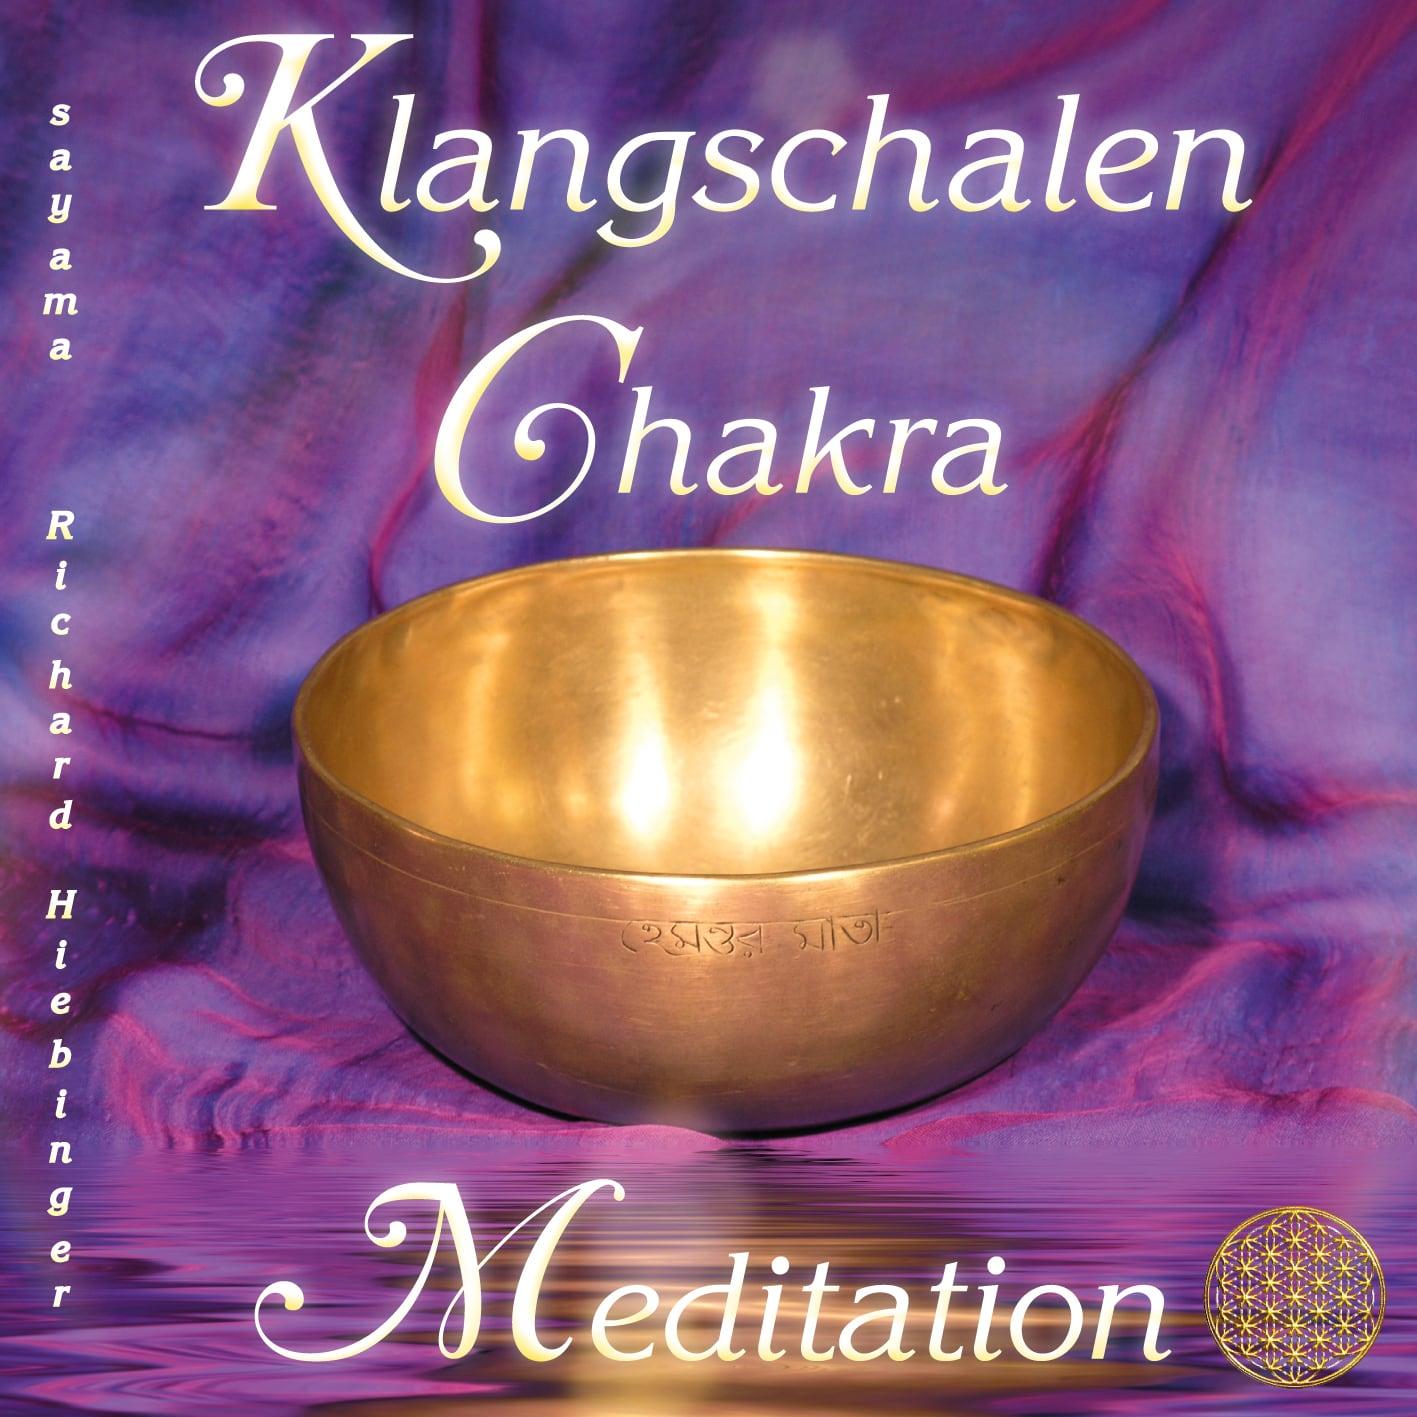 CD Titelbild Klangschalen Chakra Meditation von Sayama Music Richard Hiebinger. https://www.sayama-music.de/cds/klangschalen-chakra-meditation/